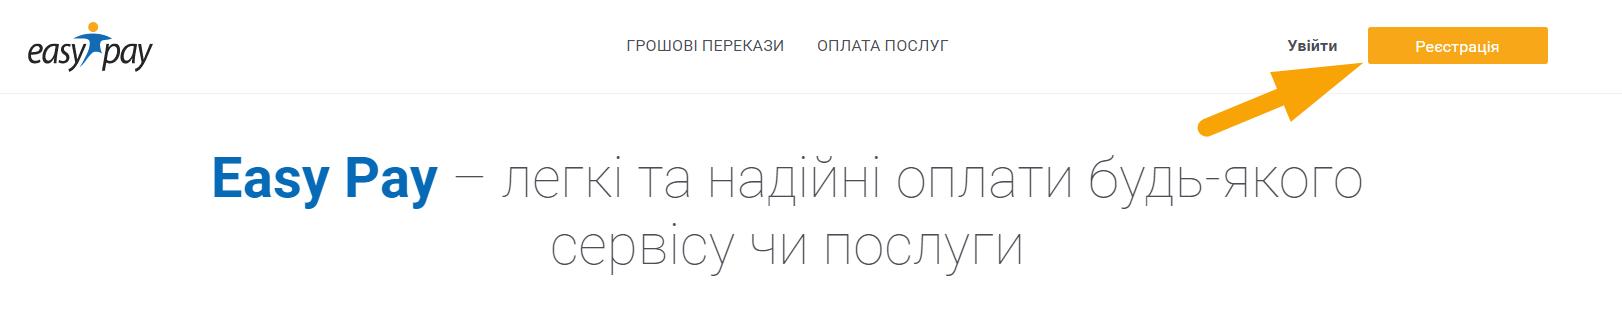 Як оплатити Київстар Інтернет - крок 1